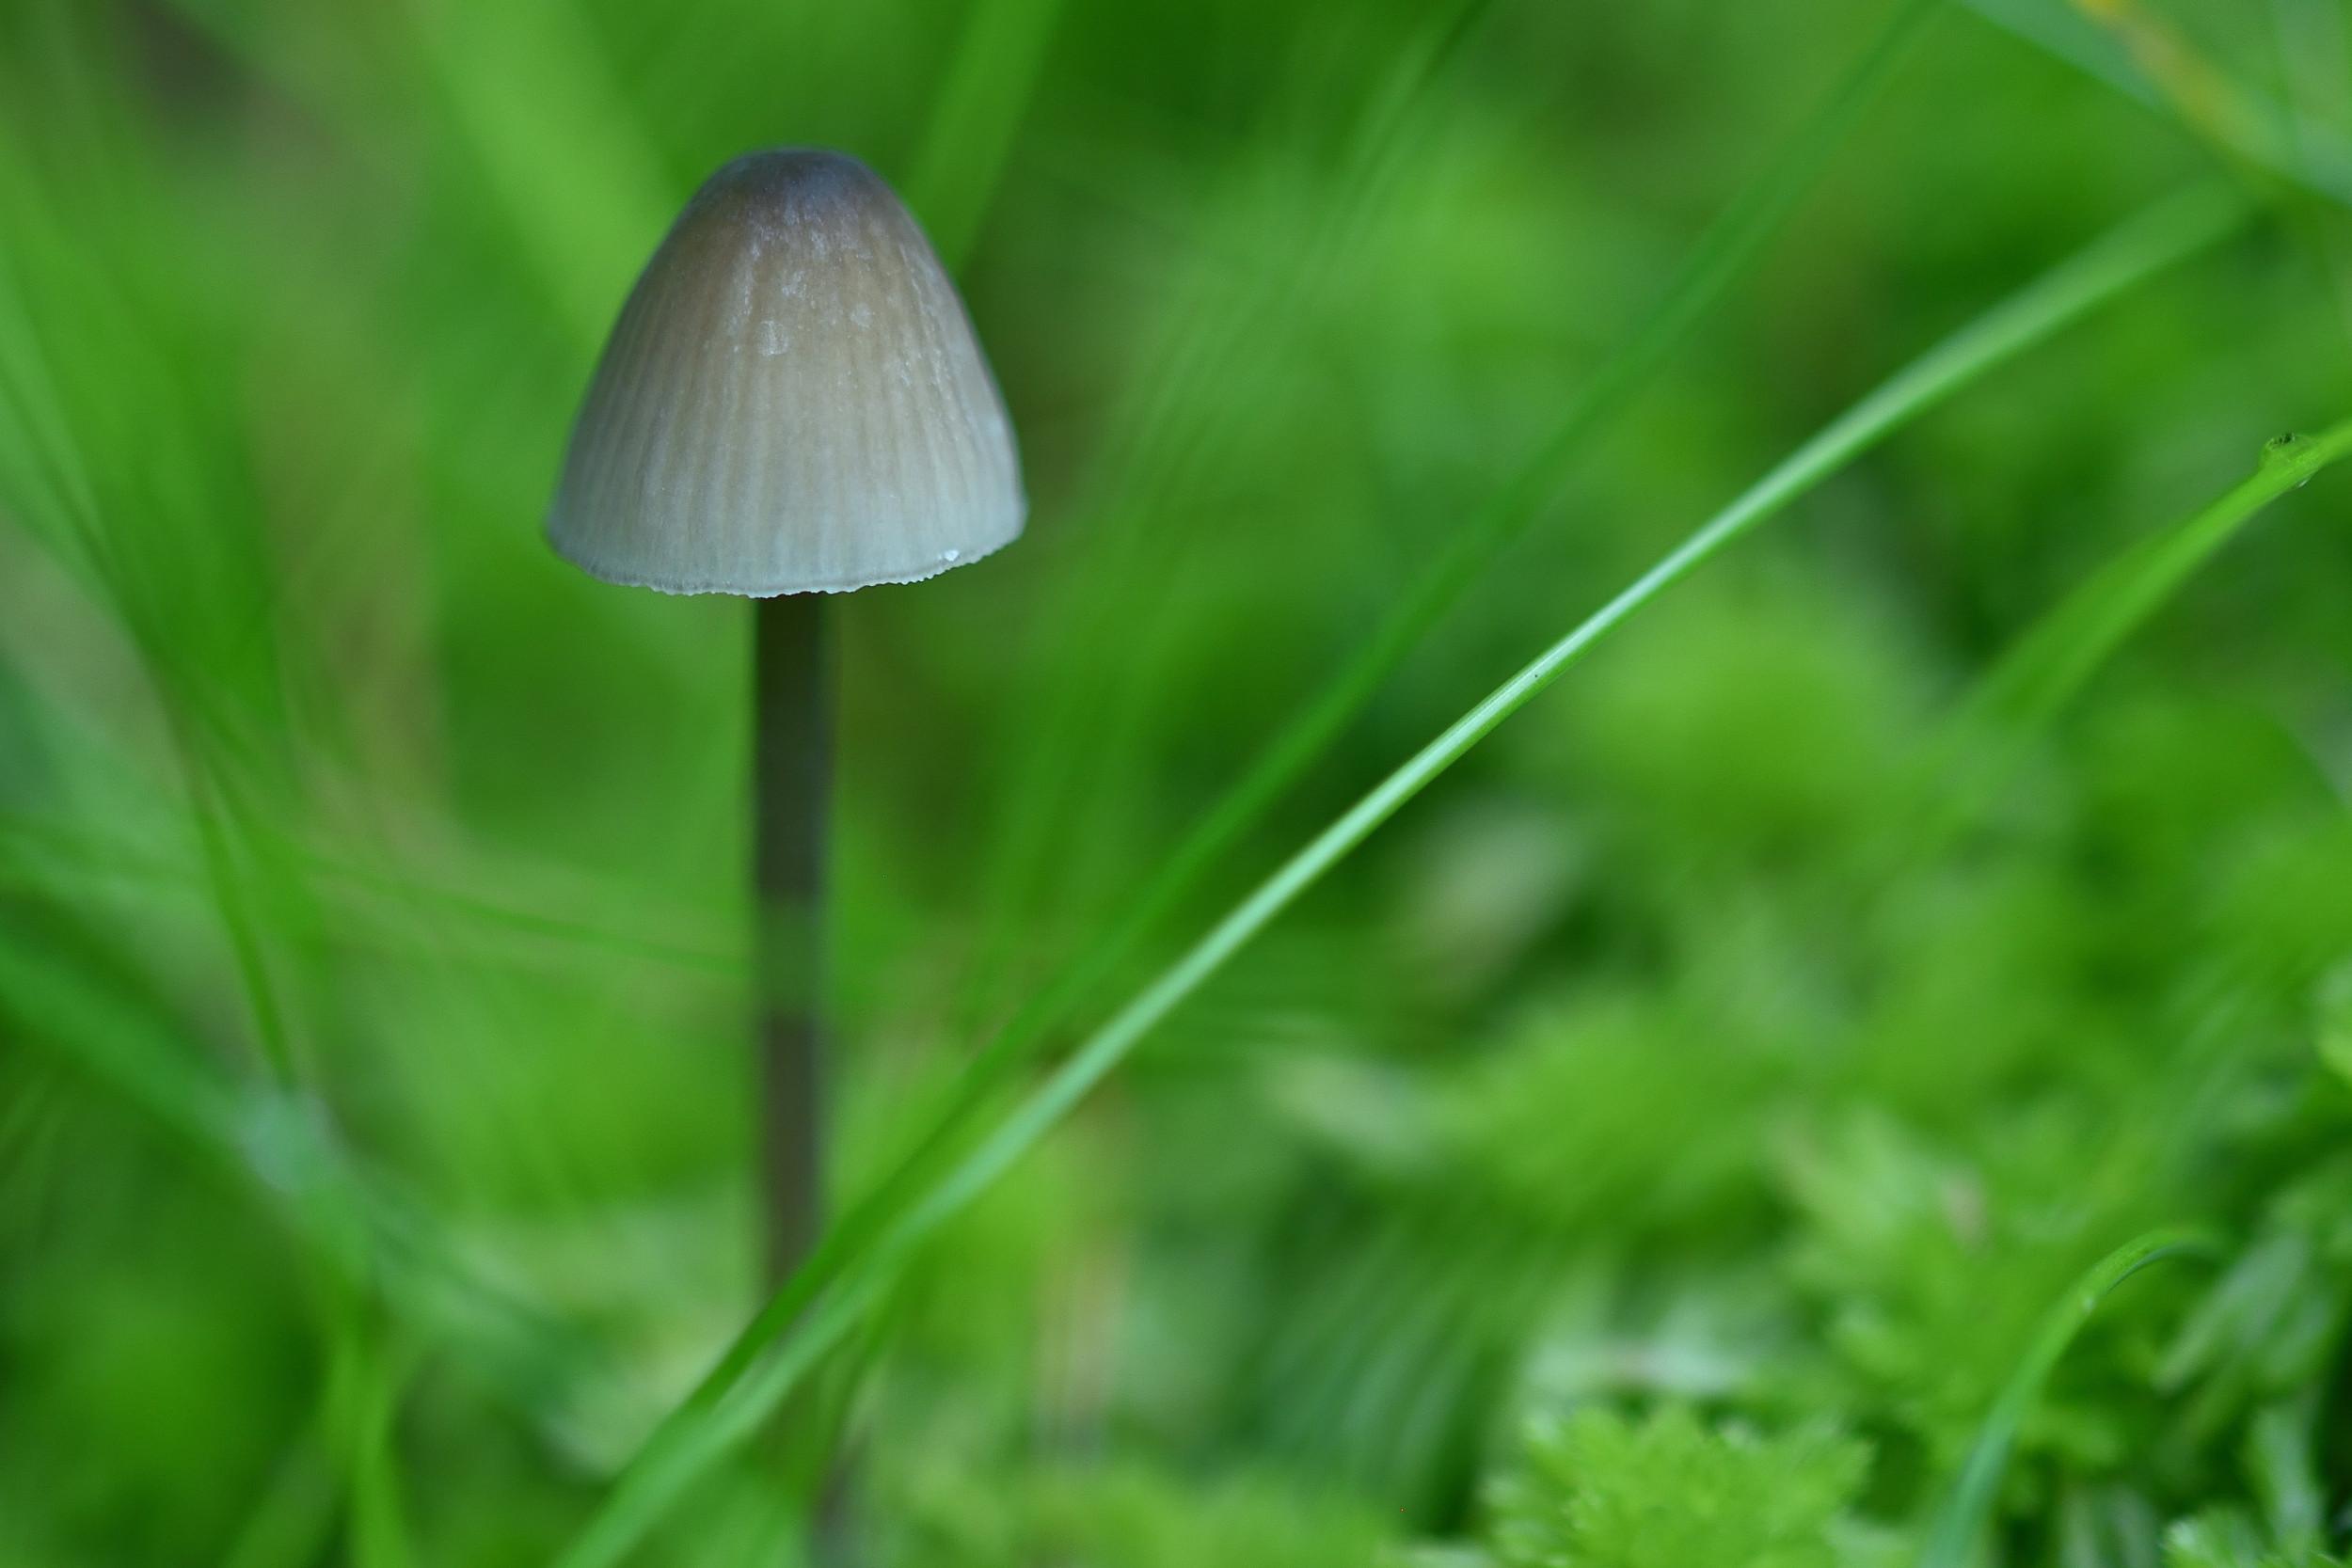 a little mushroom